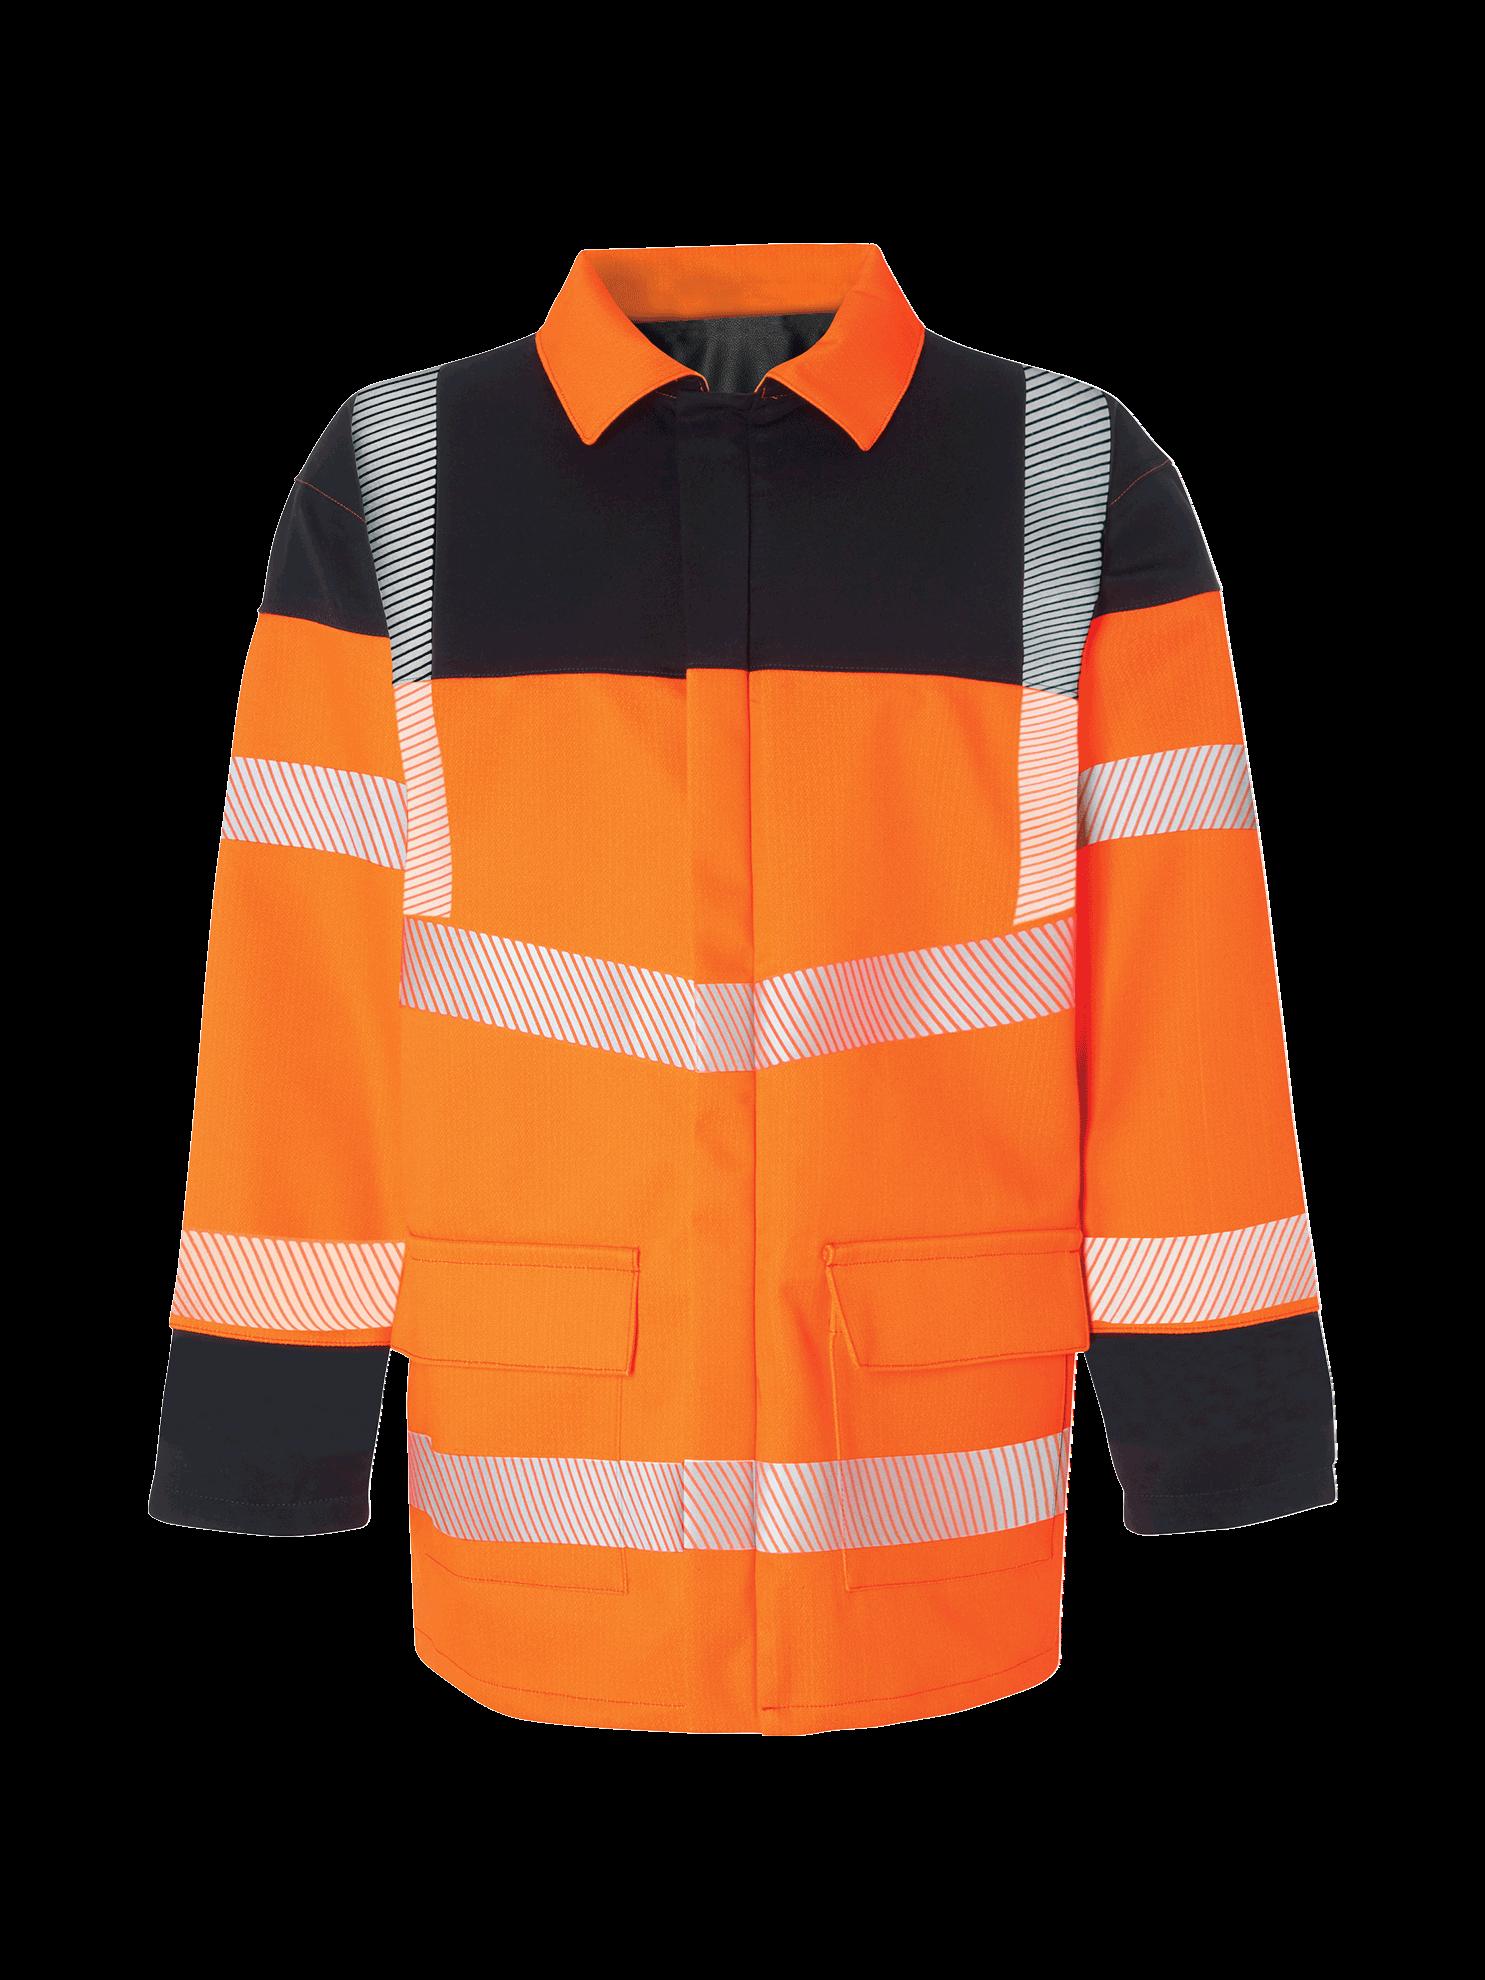 Picture of Hi Vis Multi-Protect Jacket - Hi Vis Orange/Navy